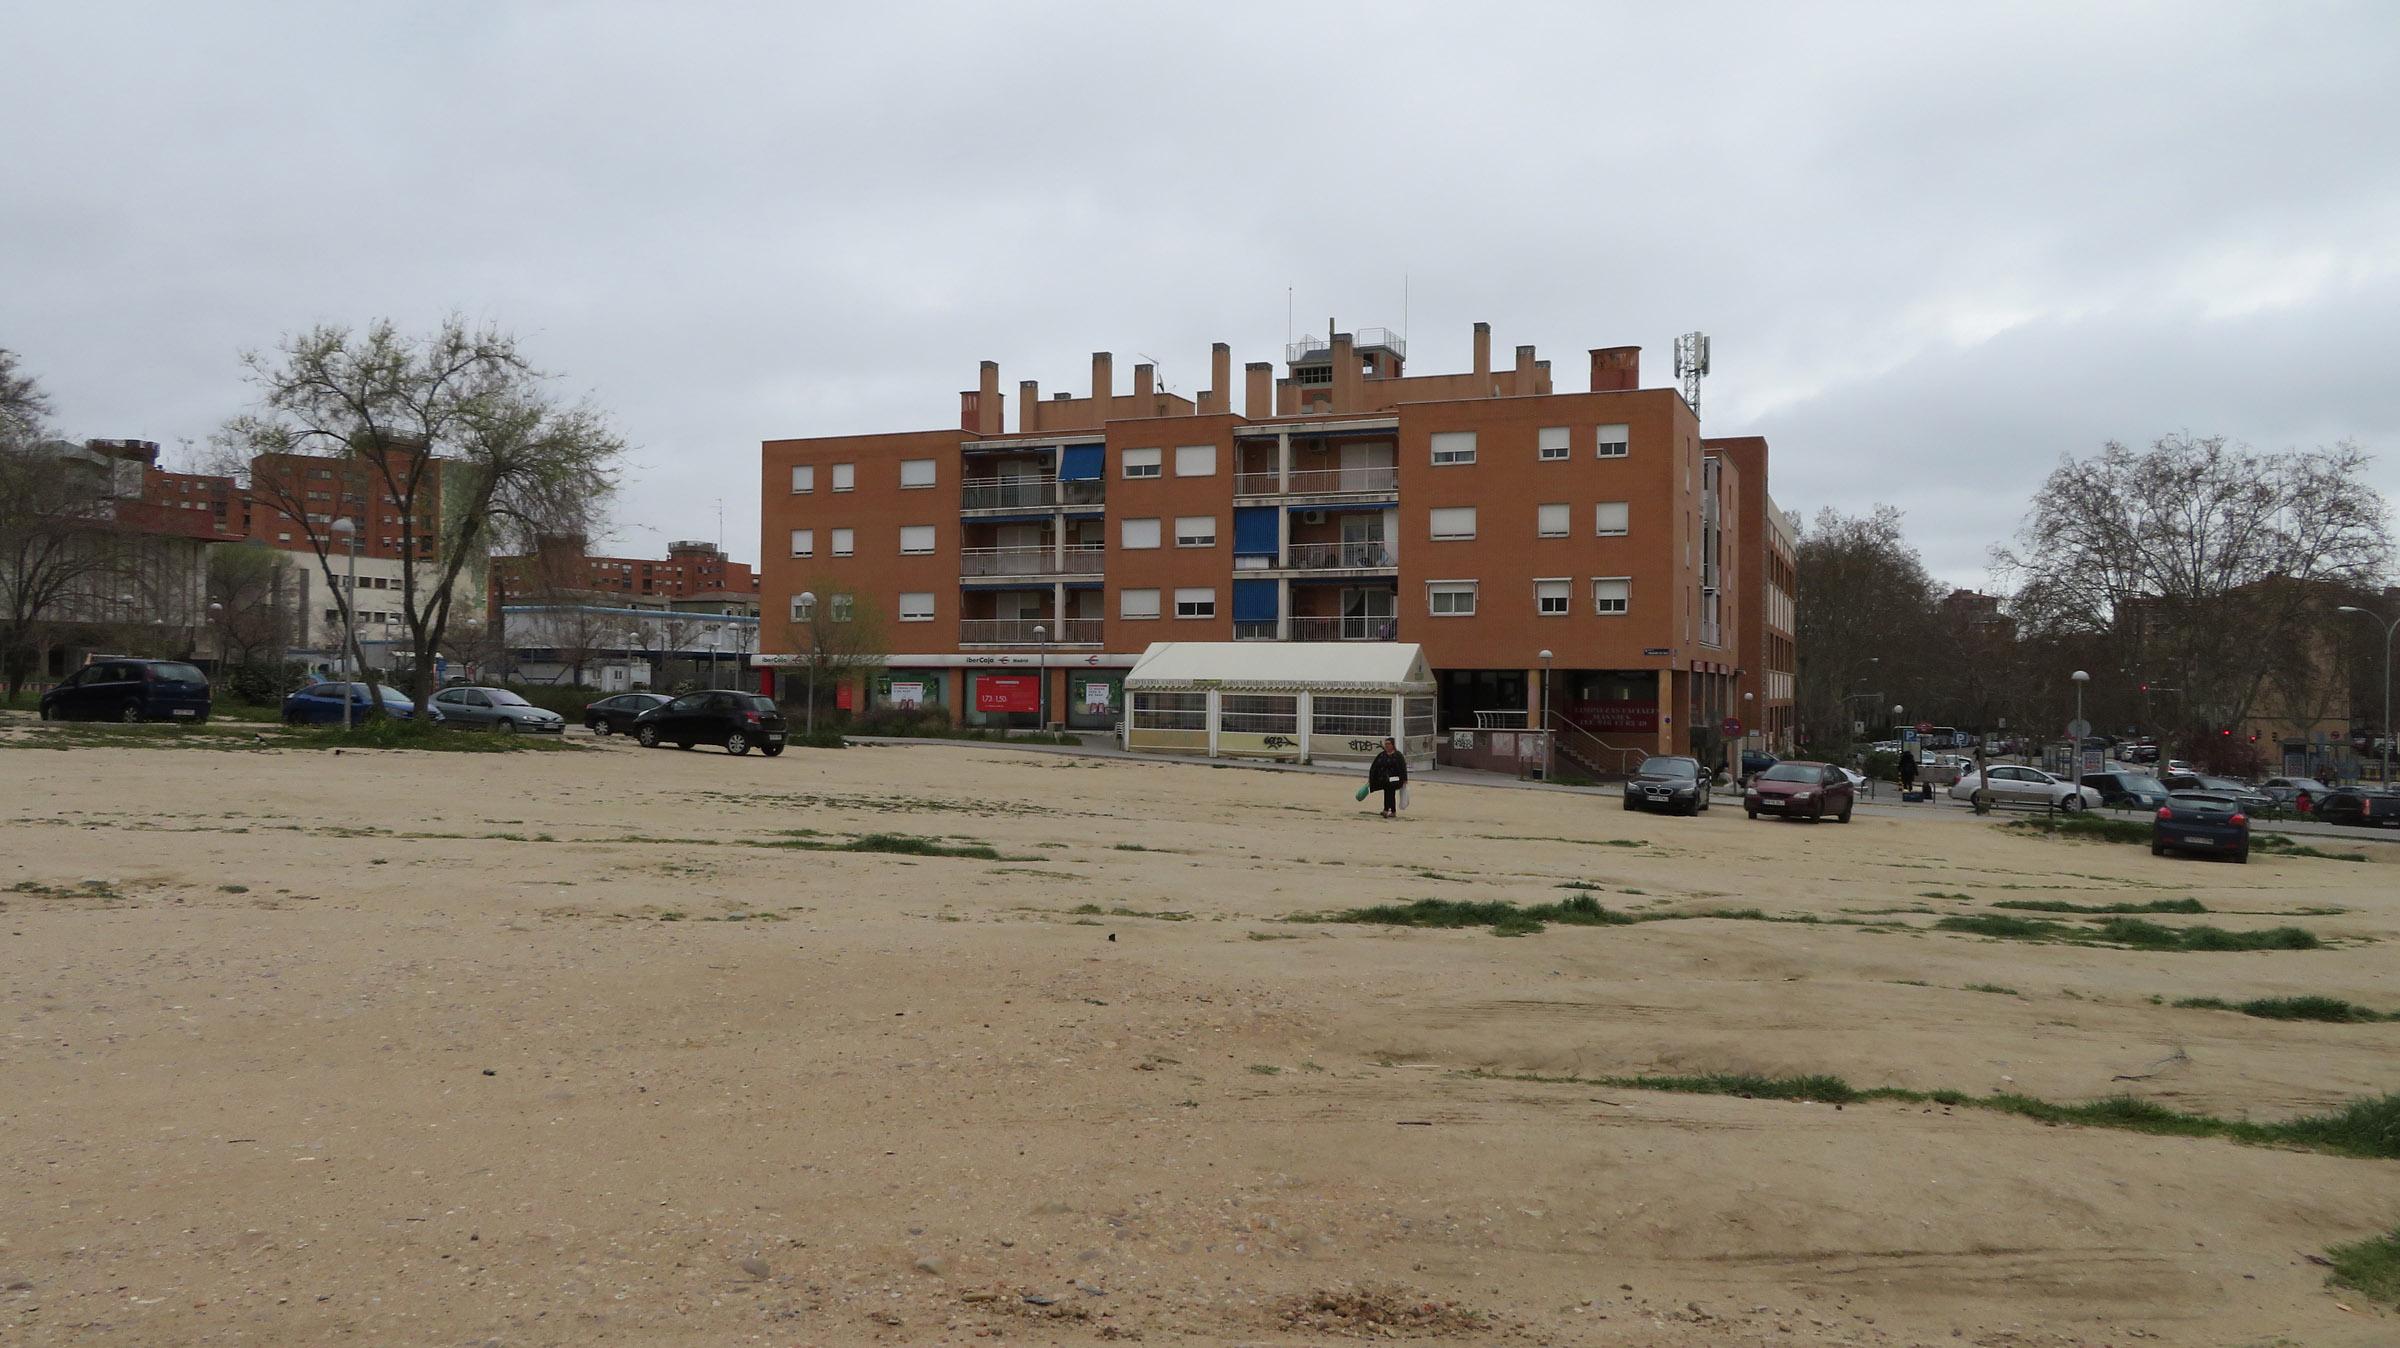 Plaza Cívica